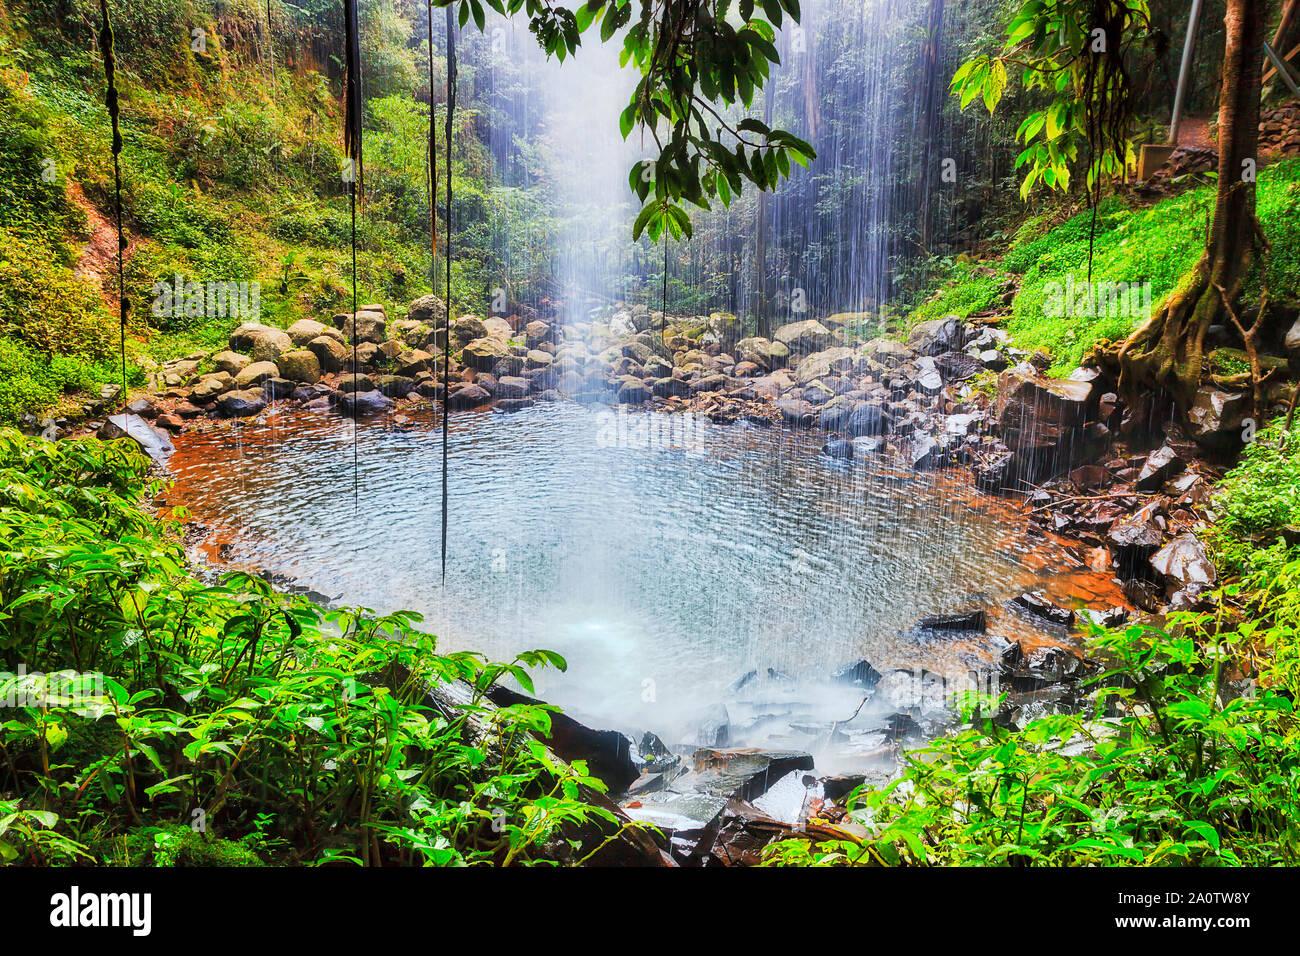 Im Inneren Wasserfall - Crystal fallen in Dorrigo National Park von Australien - alte Regenwald, Teil von Gondwana Kontinent. Wasser nach unten fallen zu r Stockfoto